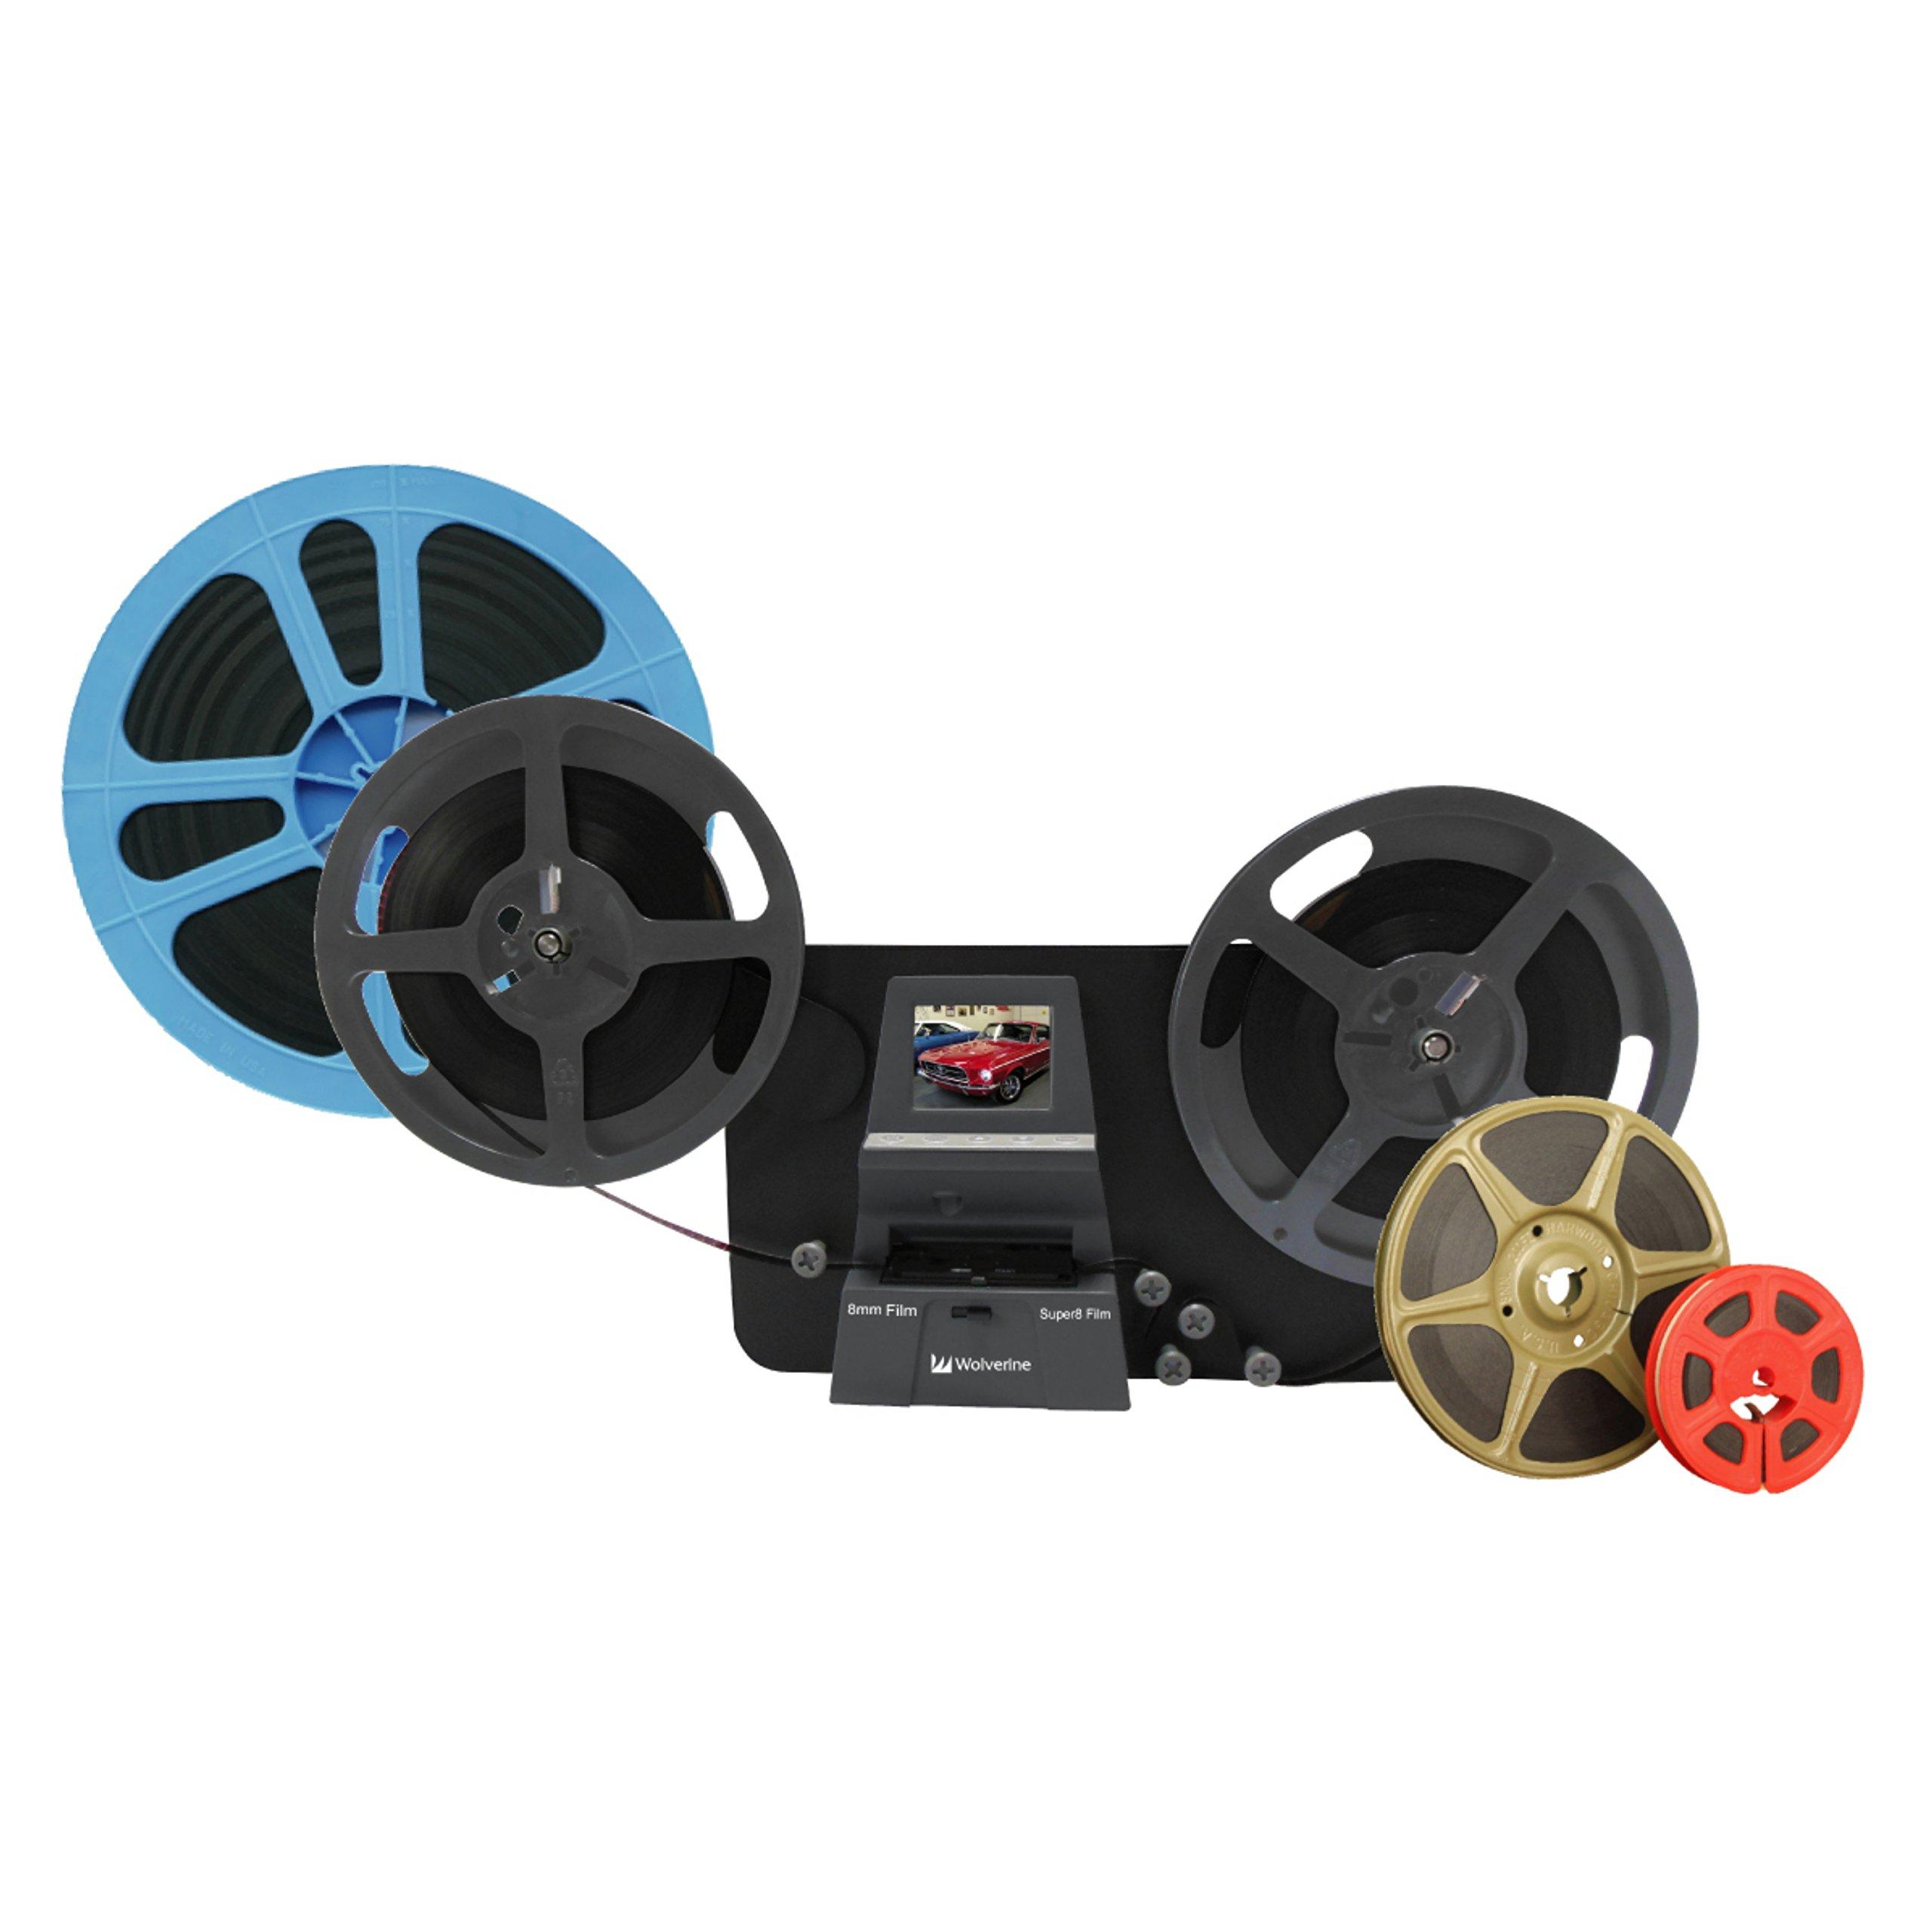 Wolverine 8mm & Super 8 Reels to Digital MovieMaker Pro Film Digitizer, Film Scanner, 8mm Film Scanner, Black (MM100PRO)